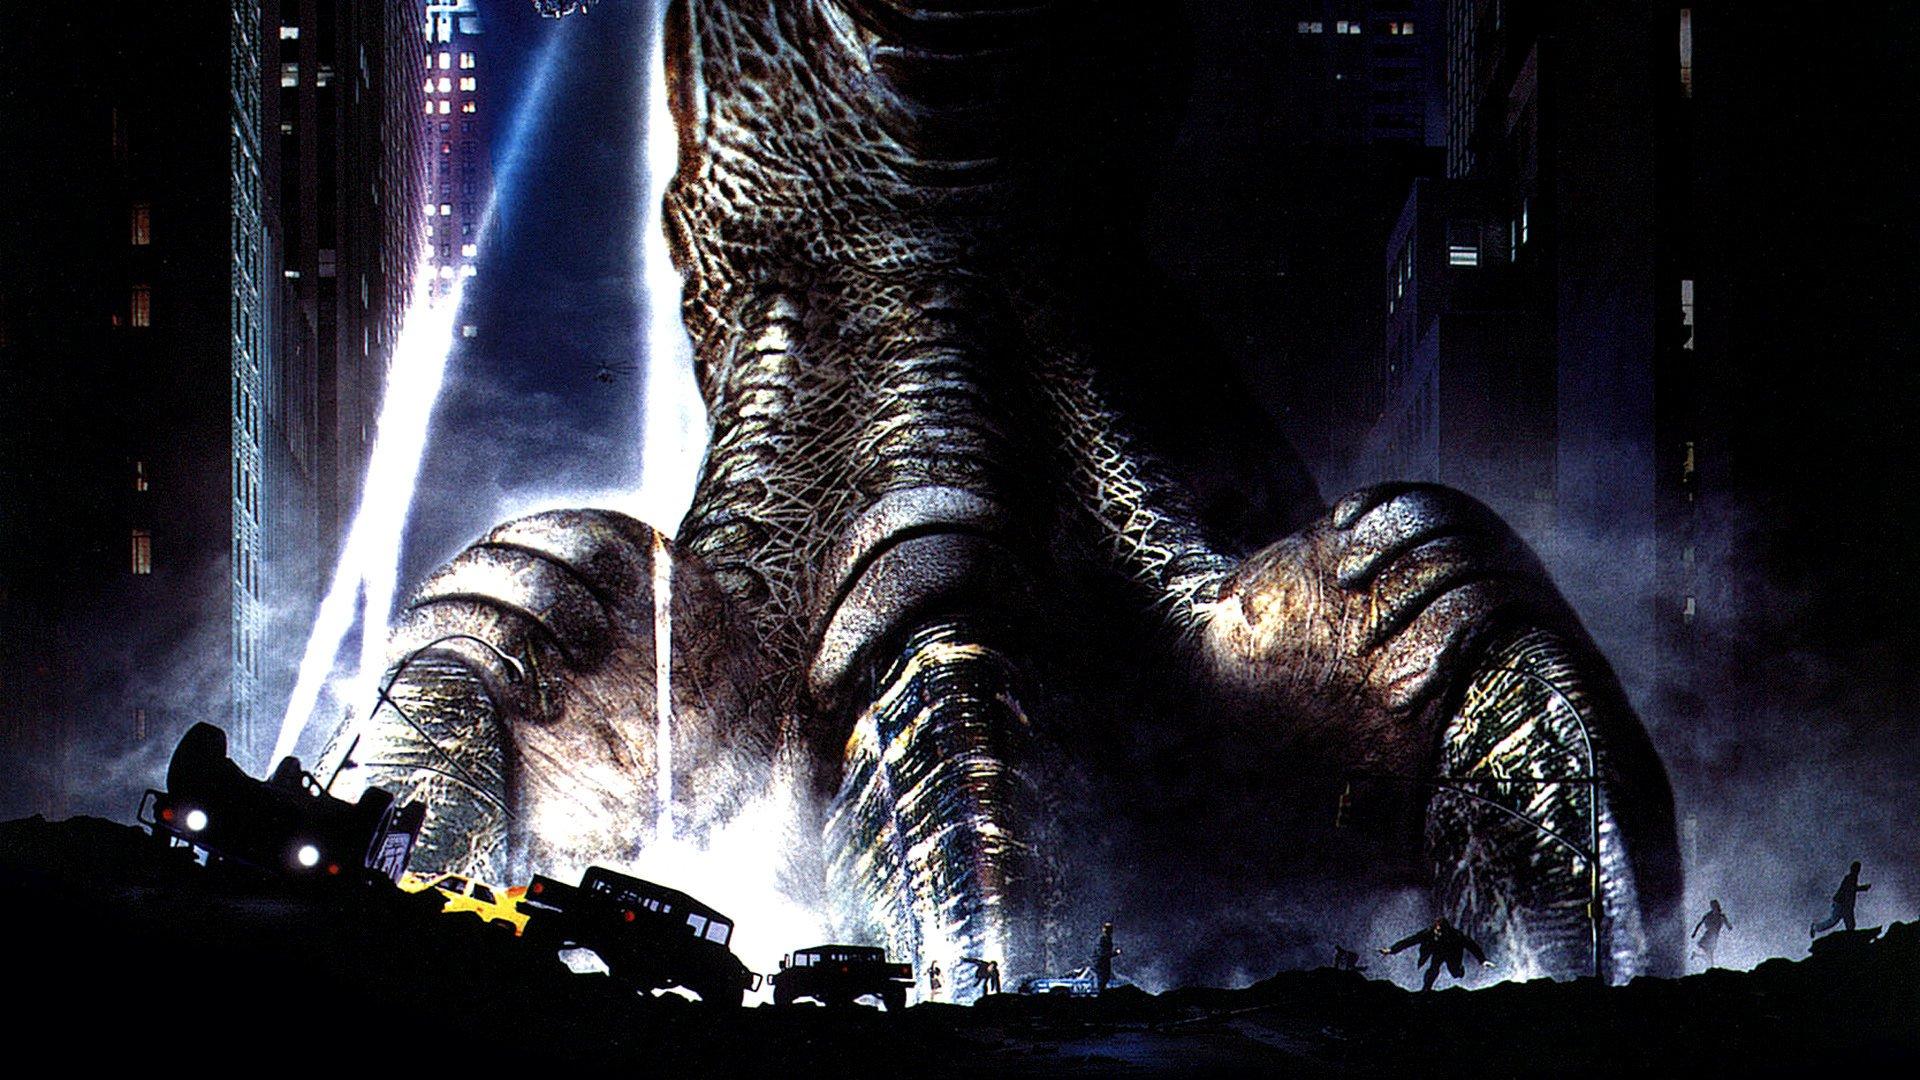 Movies Godzilla Wallpaper 1920x1080 Movies Godzilla 1920x1080